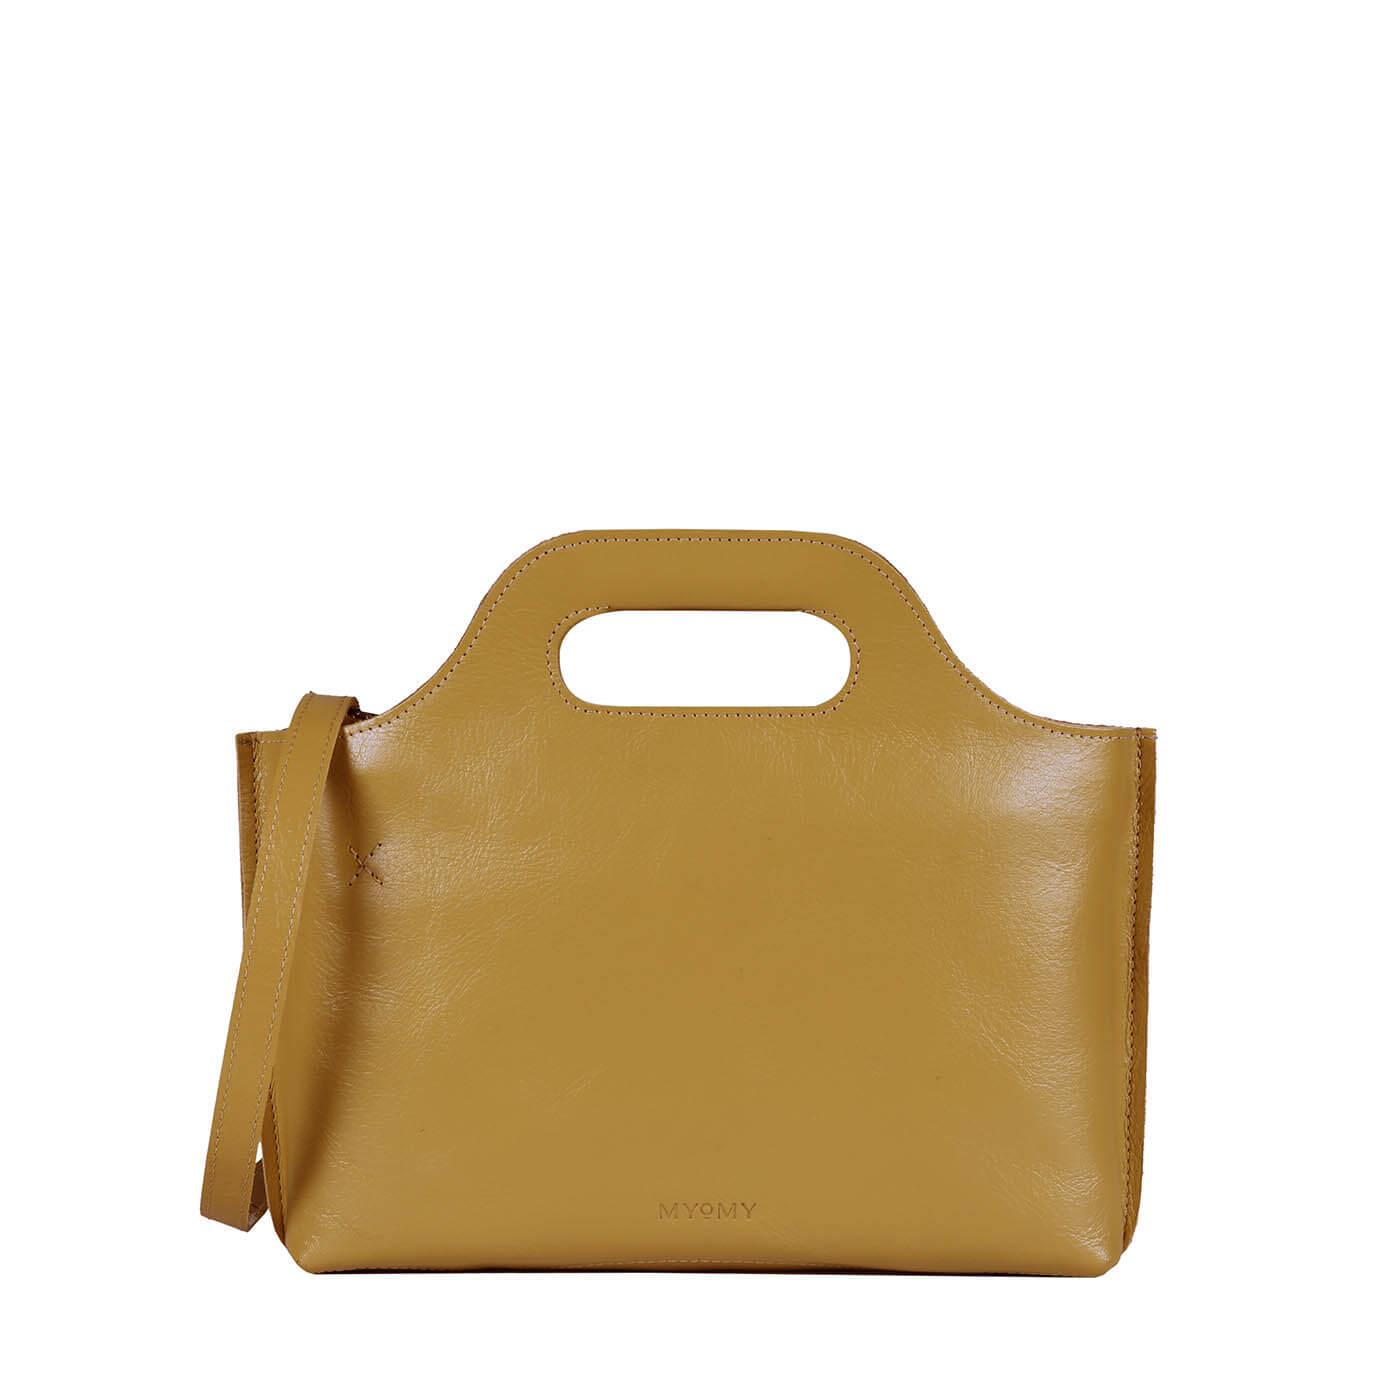 MY CARRY BAG Mini - seville ocher